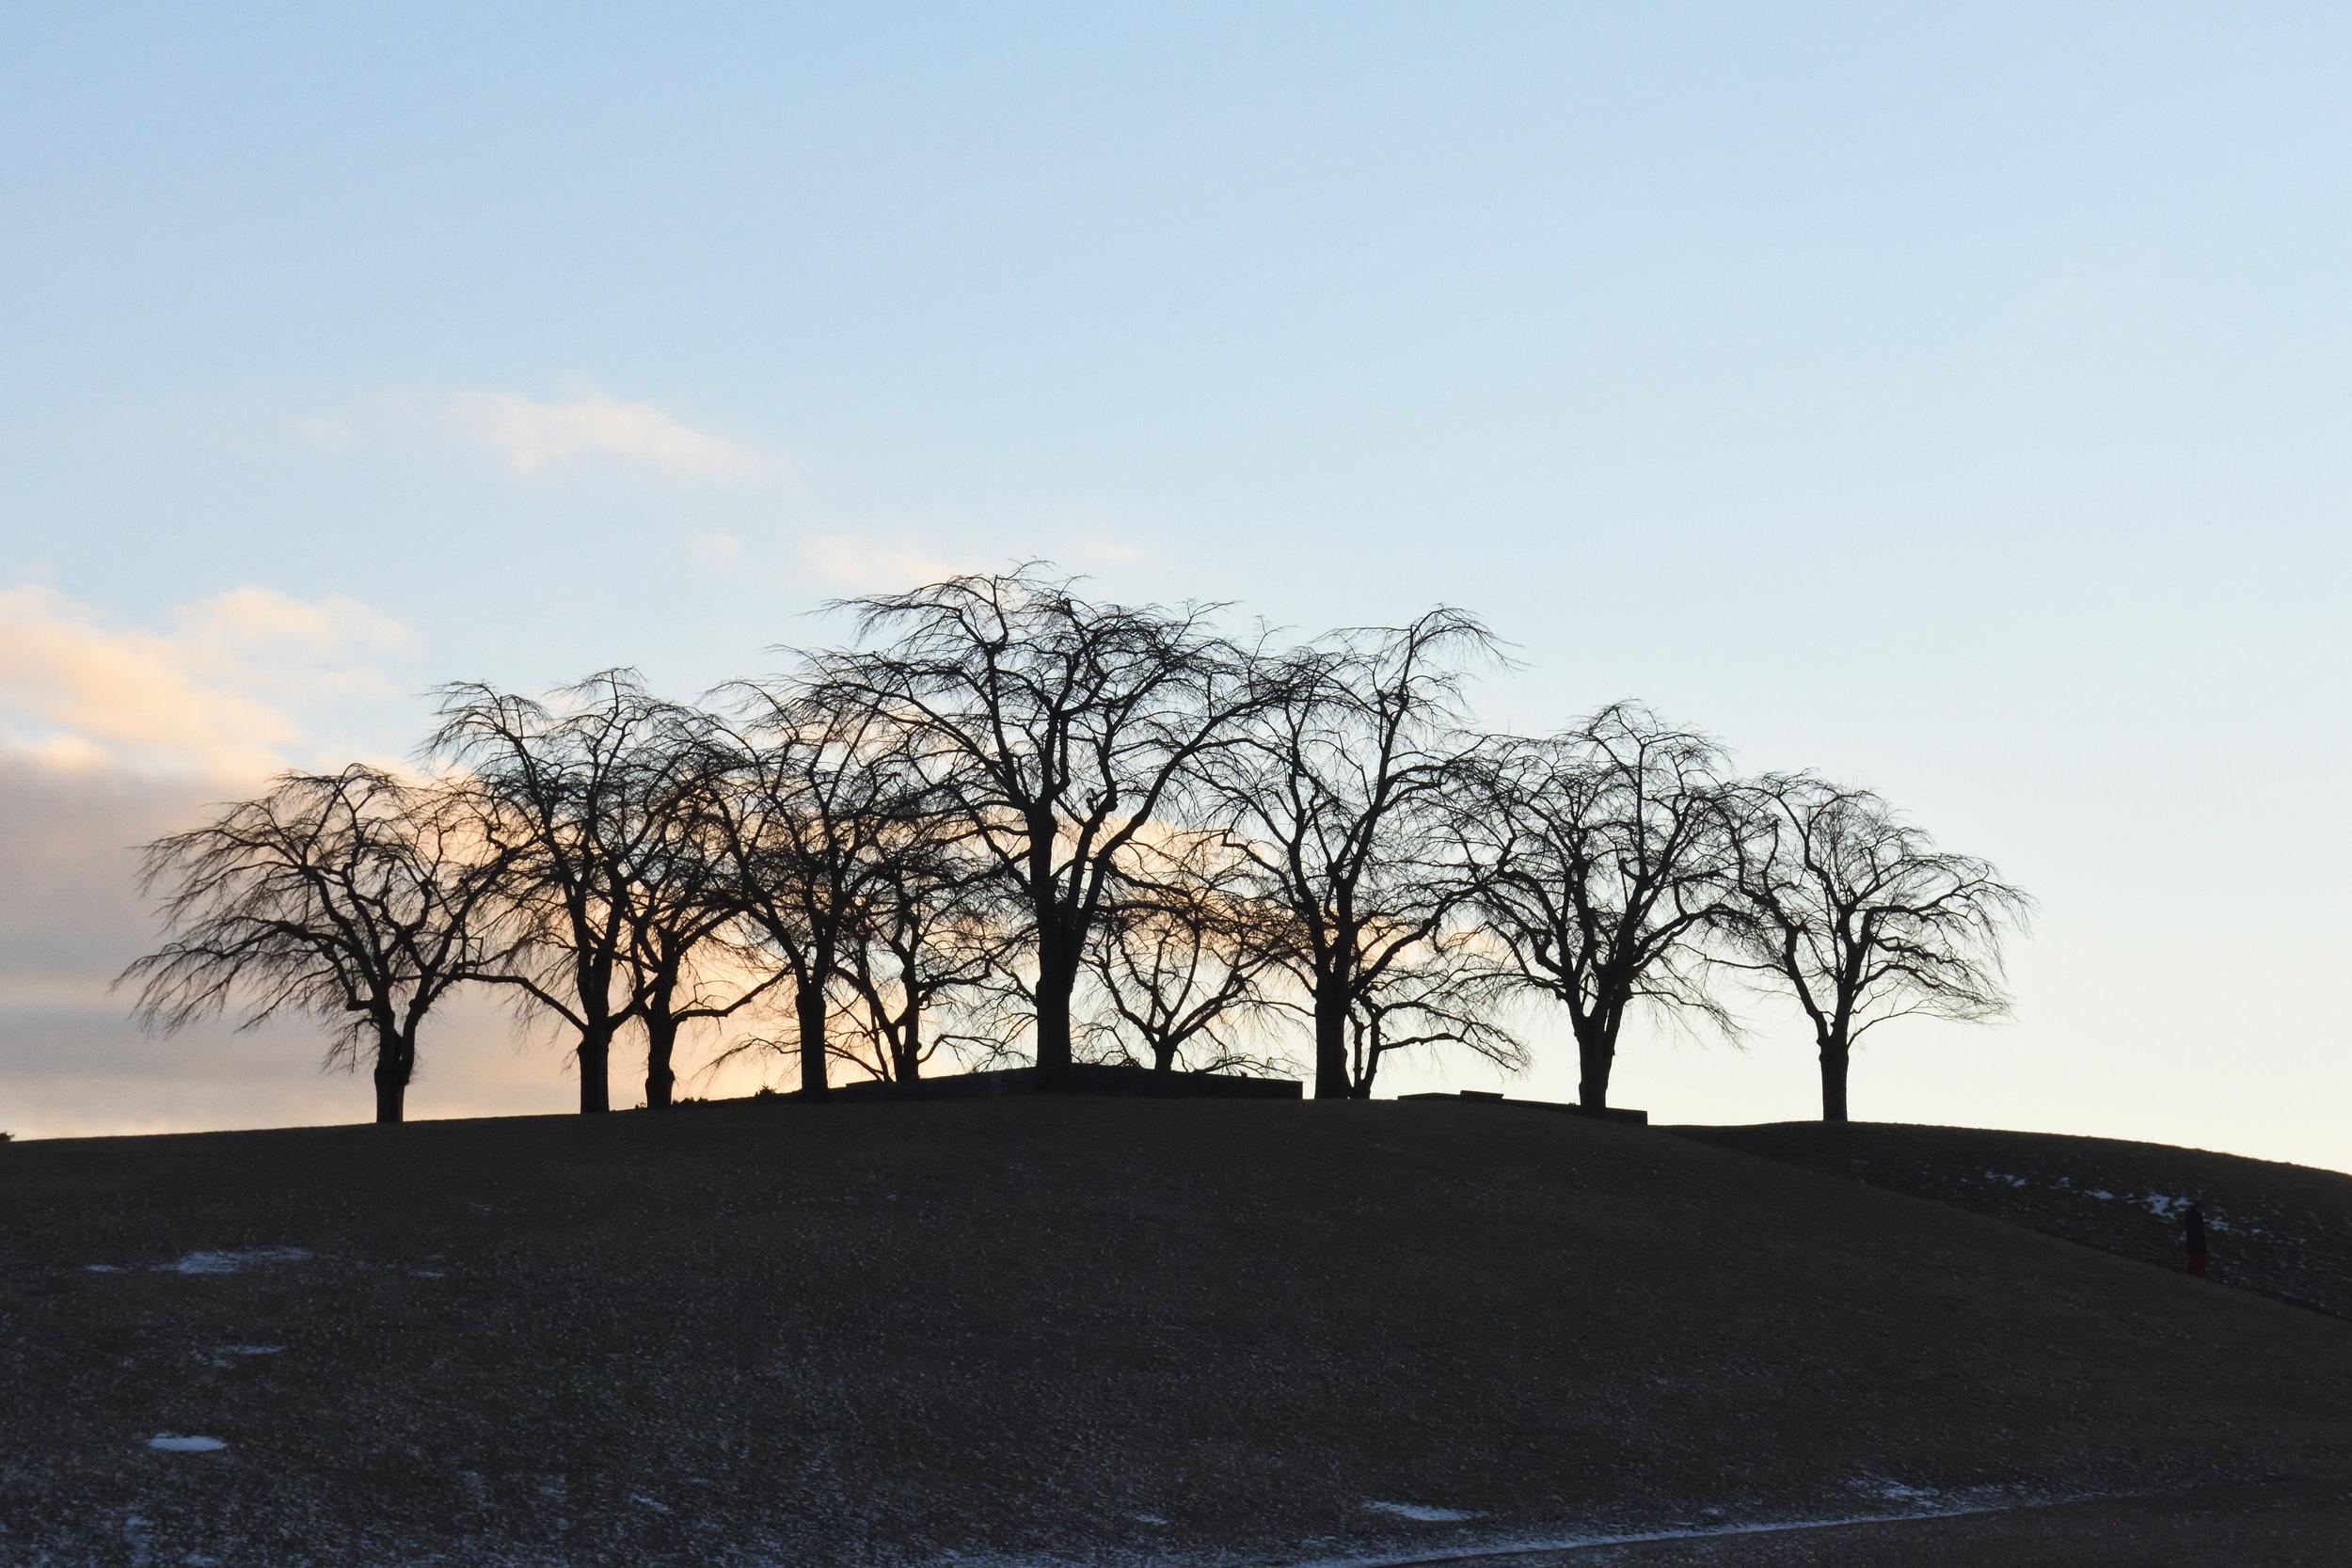 Skogskyrkogården, Stockholm, February 2017